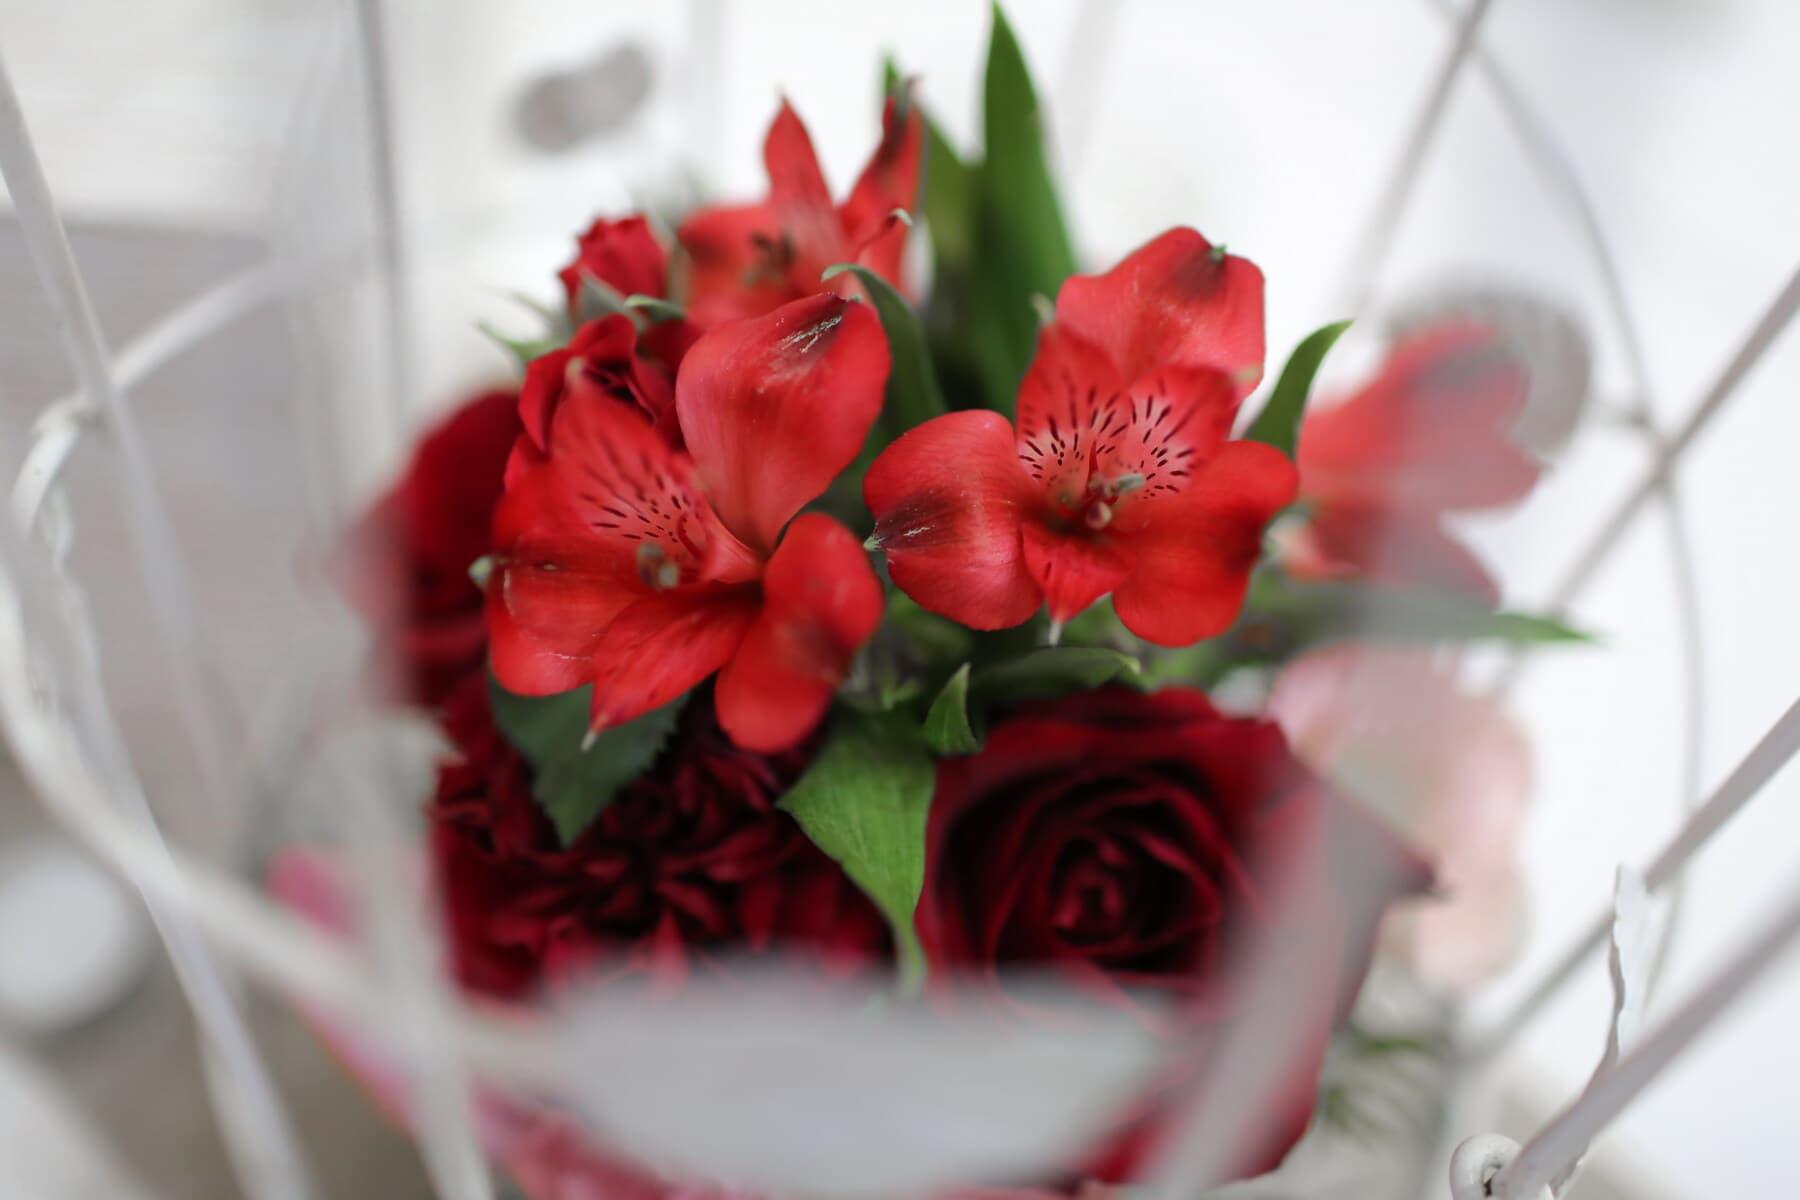 flowers, elegant, flowerpot, petals, red, arrangement, nature, flower, decoration, romance